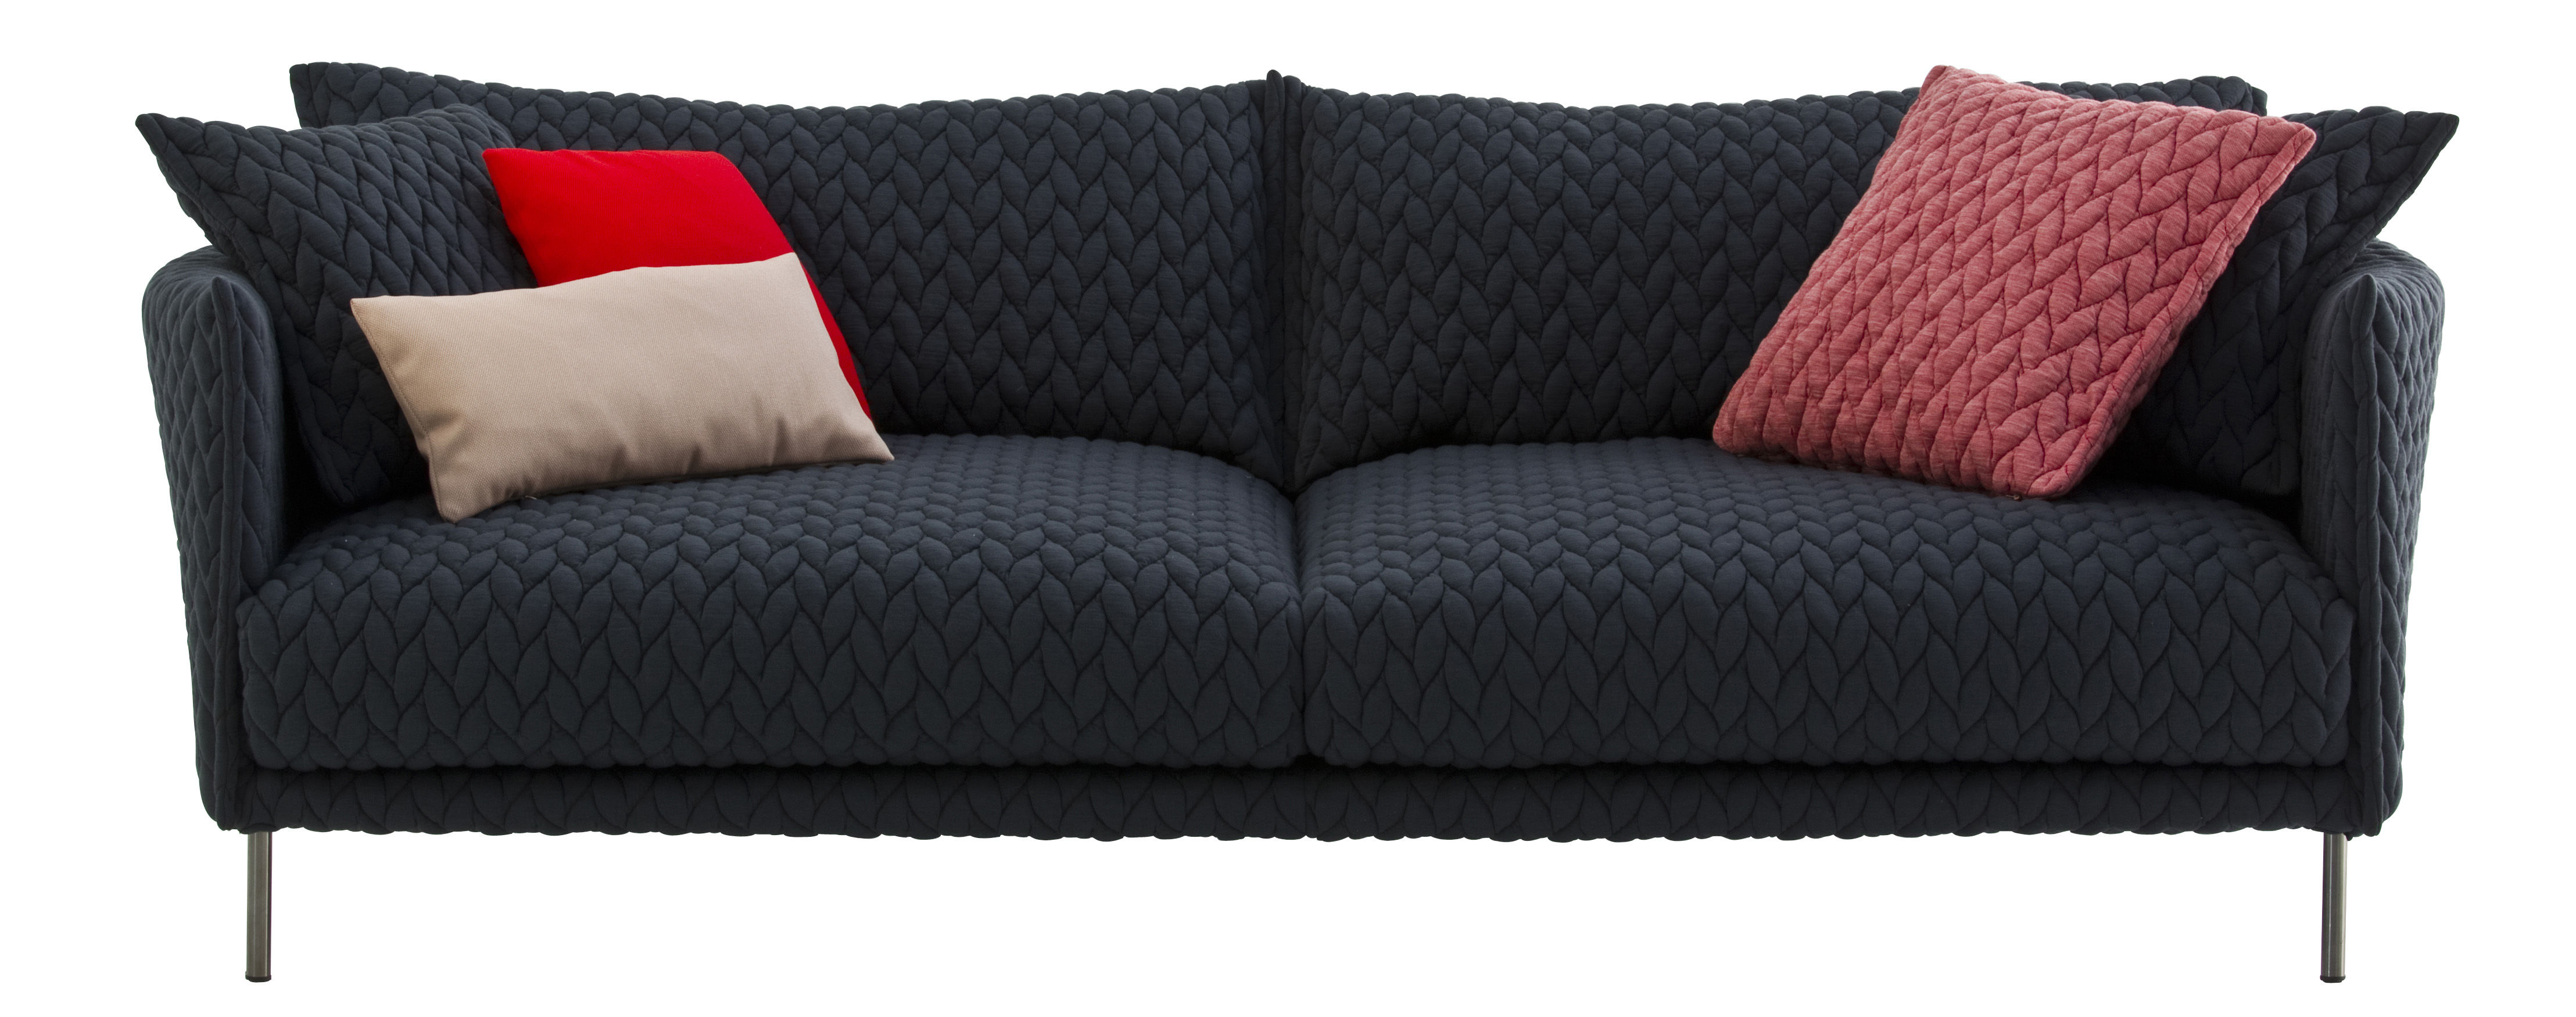 canap droit gentry l 240 cm tissu tissu gris fonc bleu pieds gris fonc moroso. Black Bedroom Furniture Sets. Home Design Ideas